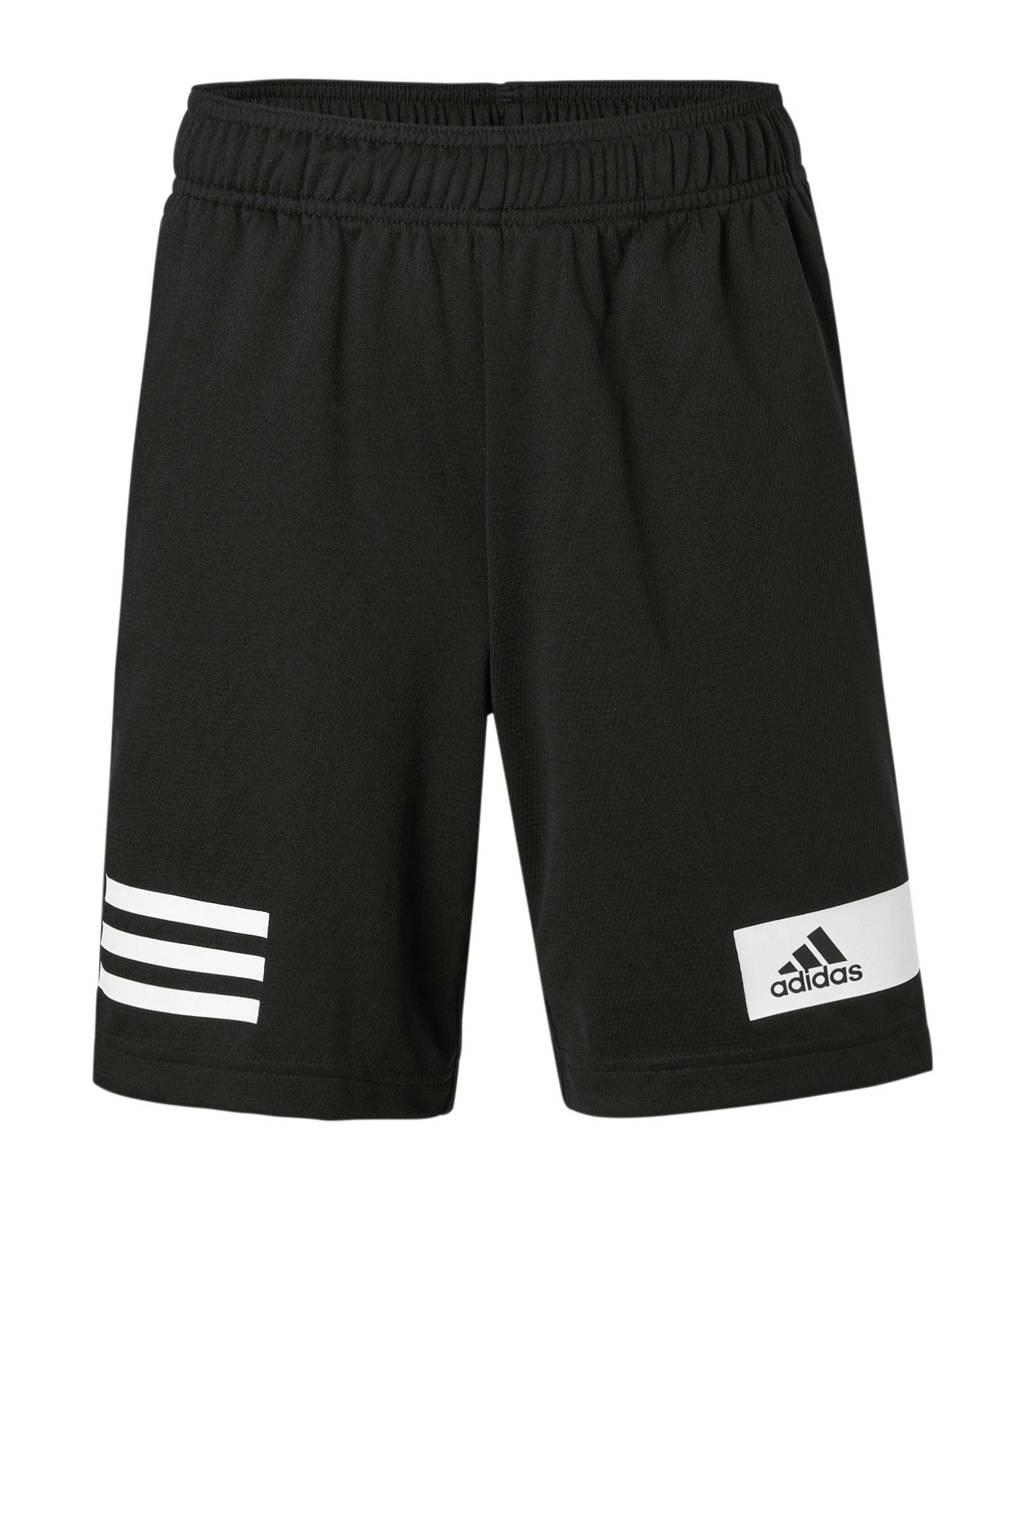 adidas performance   performance sportshort zwart, Zwart